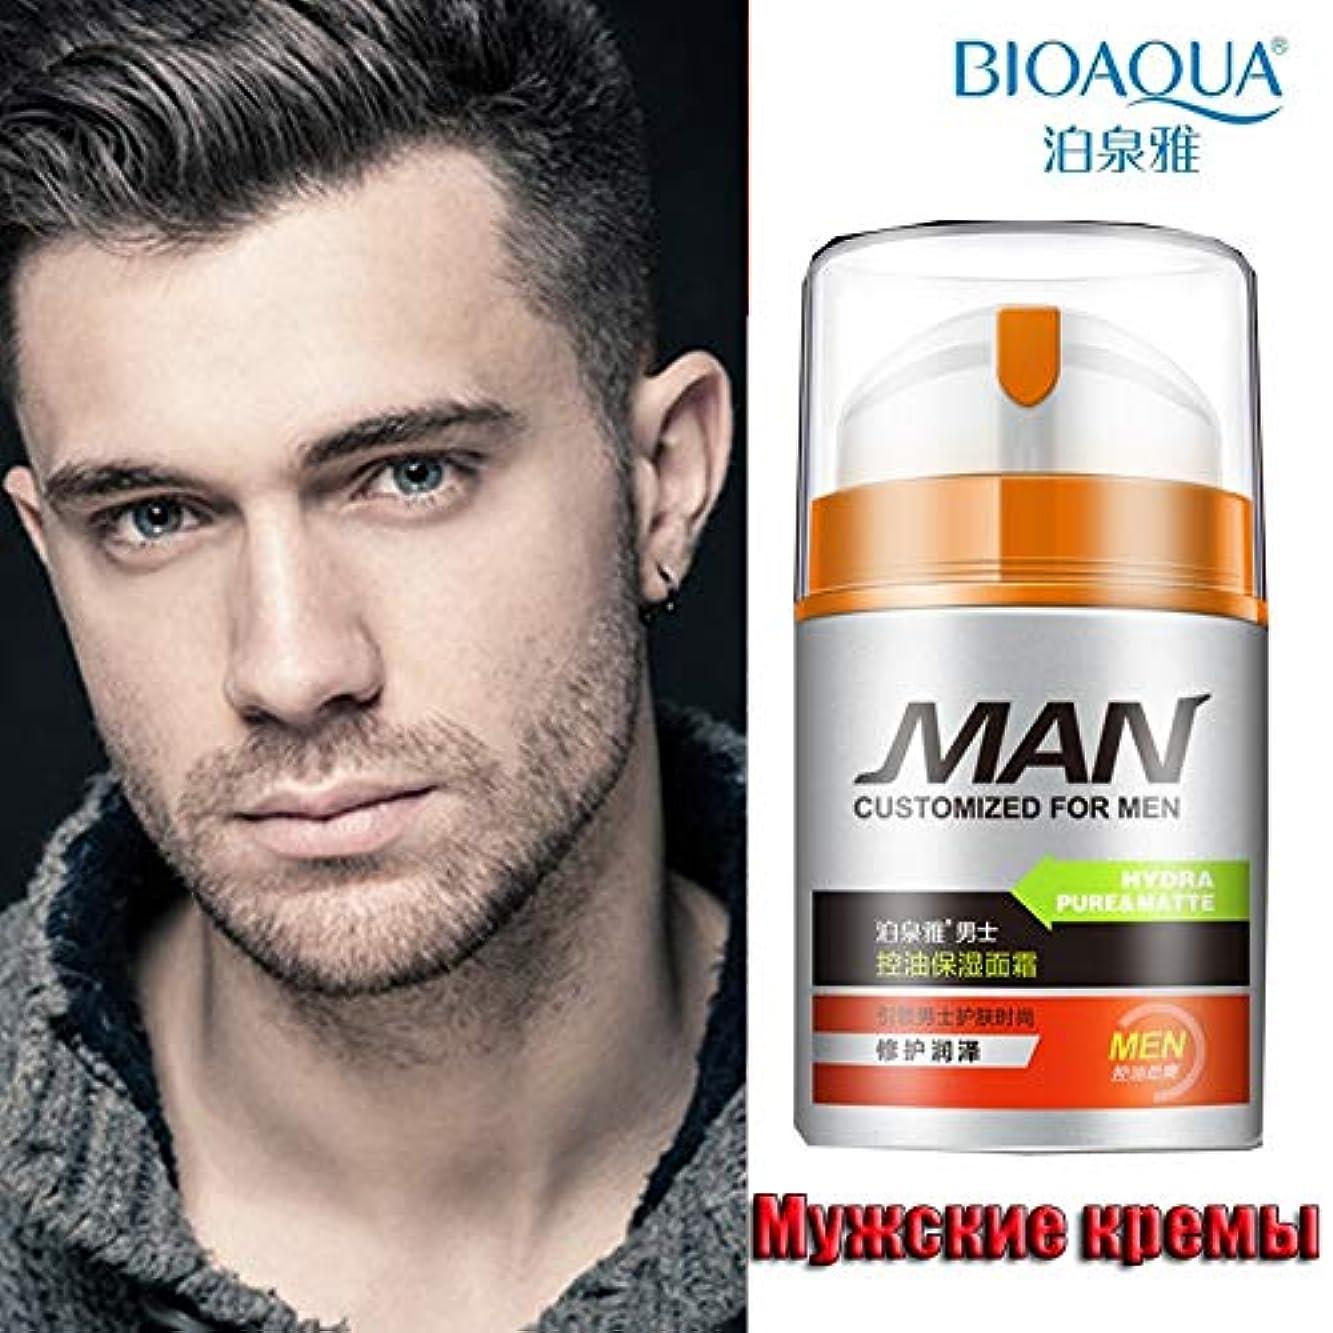 繁殖公式規範Bioaquaフェイスケアダイナミック男性保湿クリーム保湿アンチリンクルモイスチャライジングミルク男性ケア製品